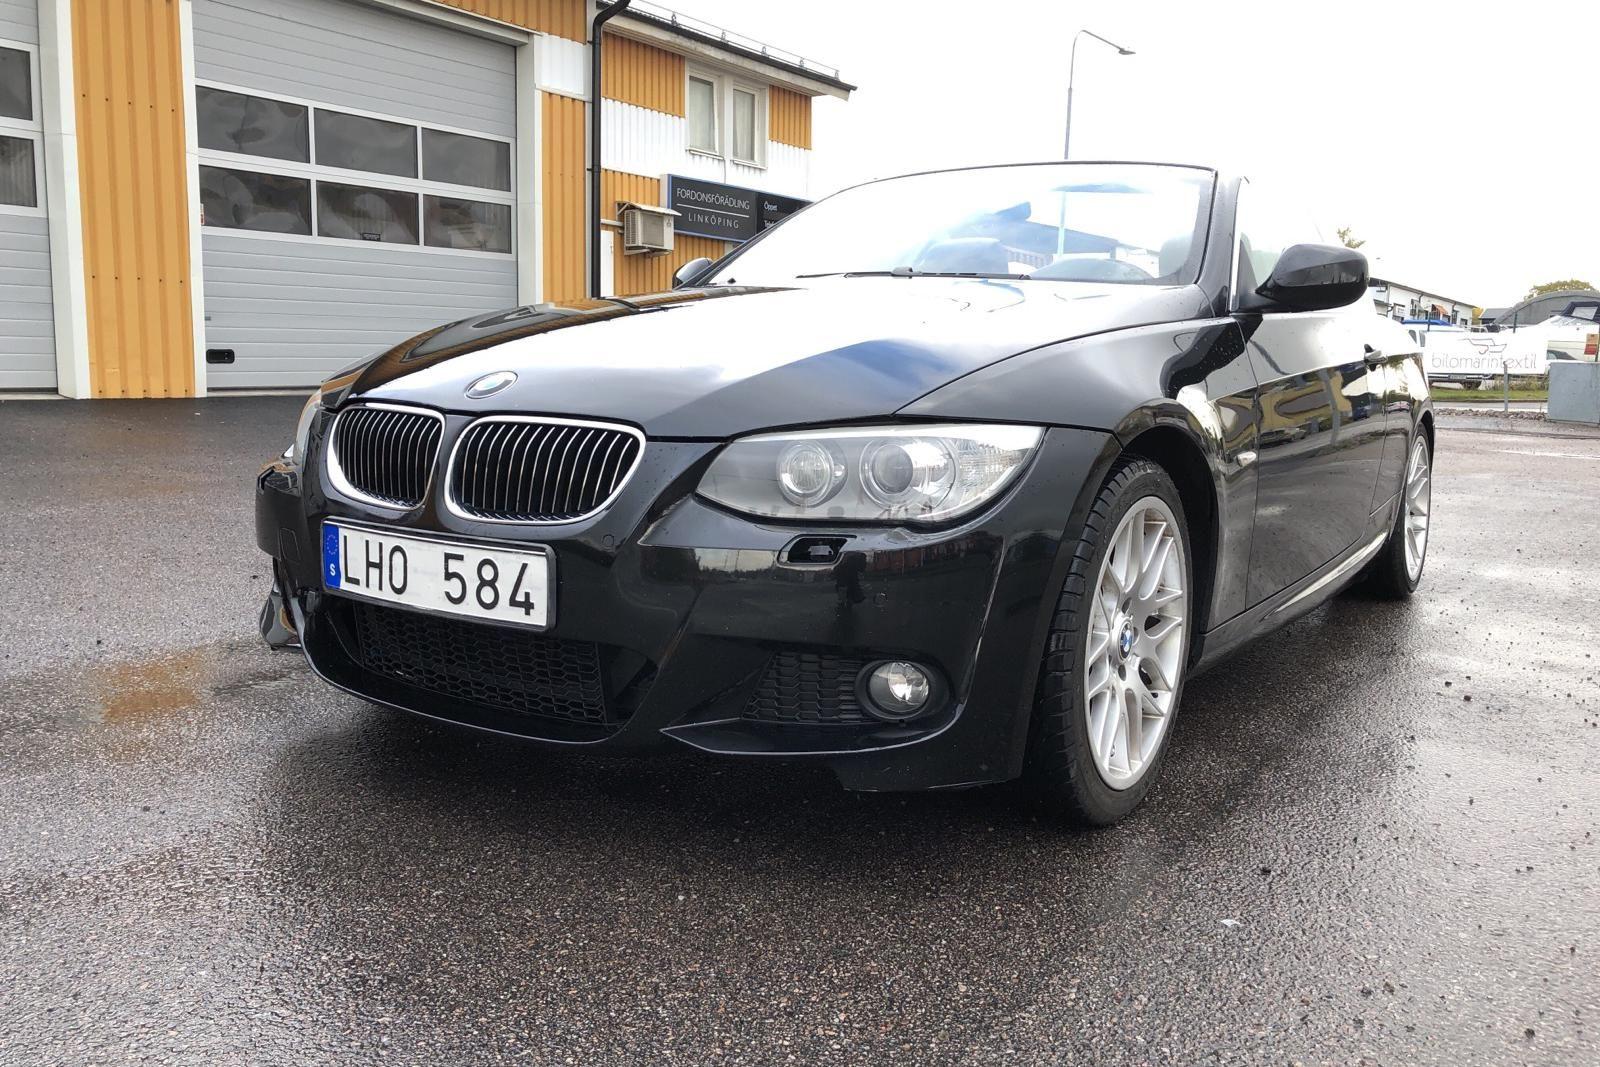 Кабриолет BMW 325i, E93 (218hk)